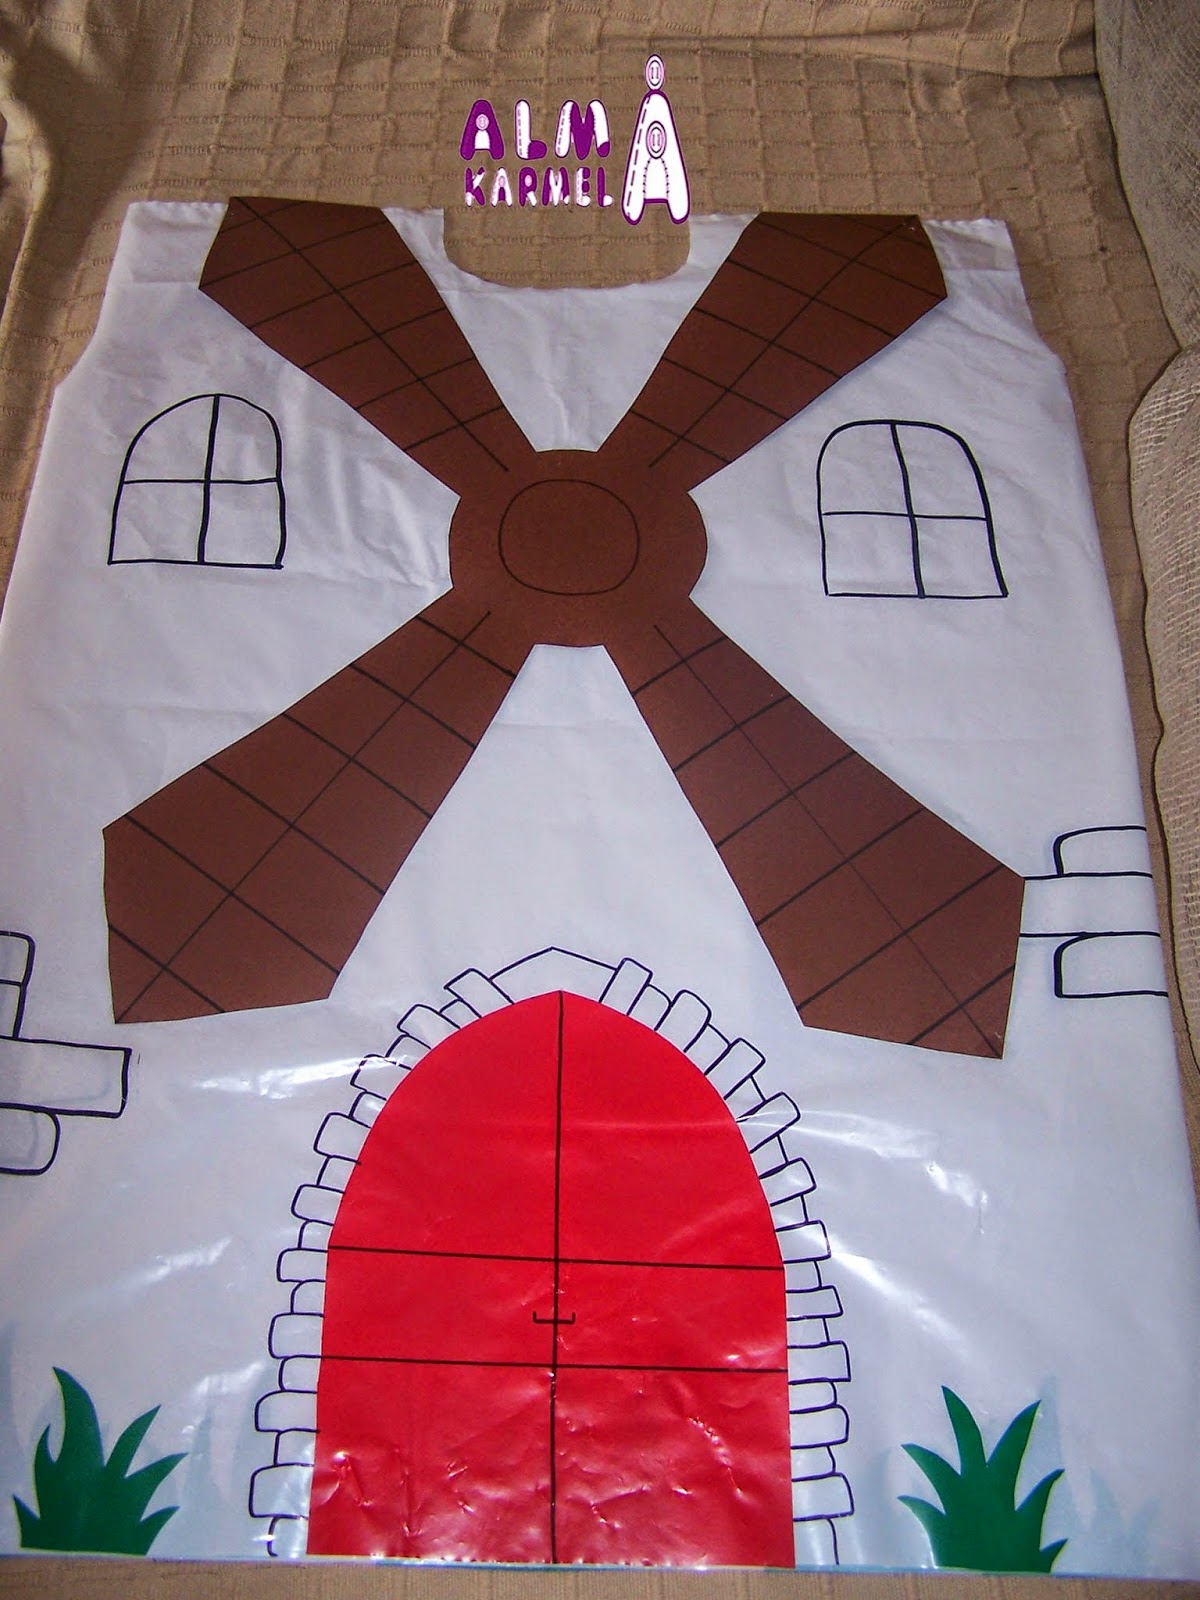 Almakarmela disfraces de carnaval molinos for Como hacer molinos de viento para el jardin